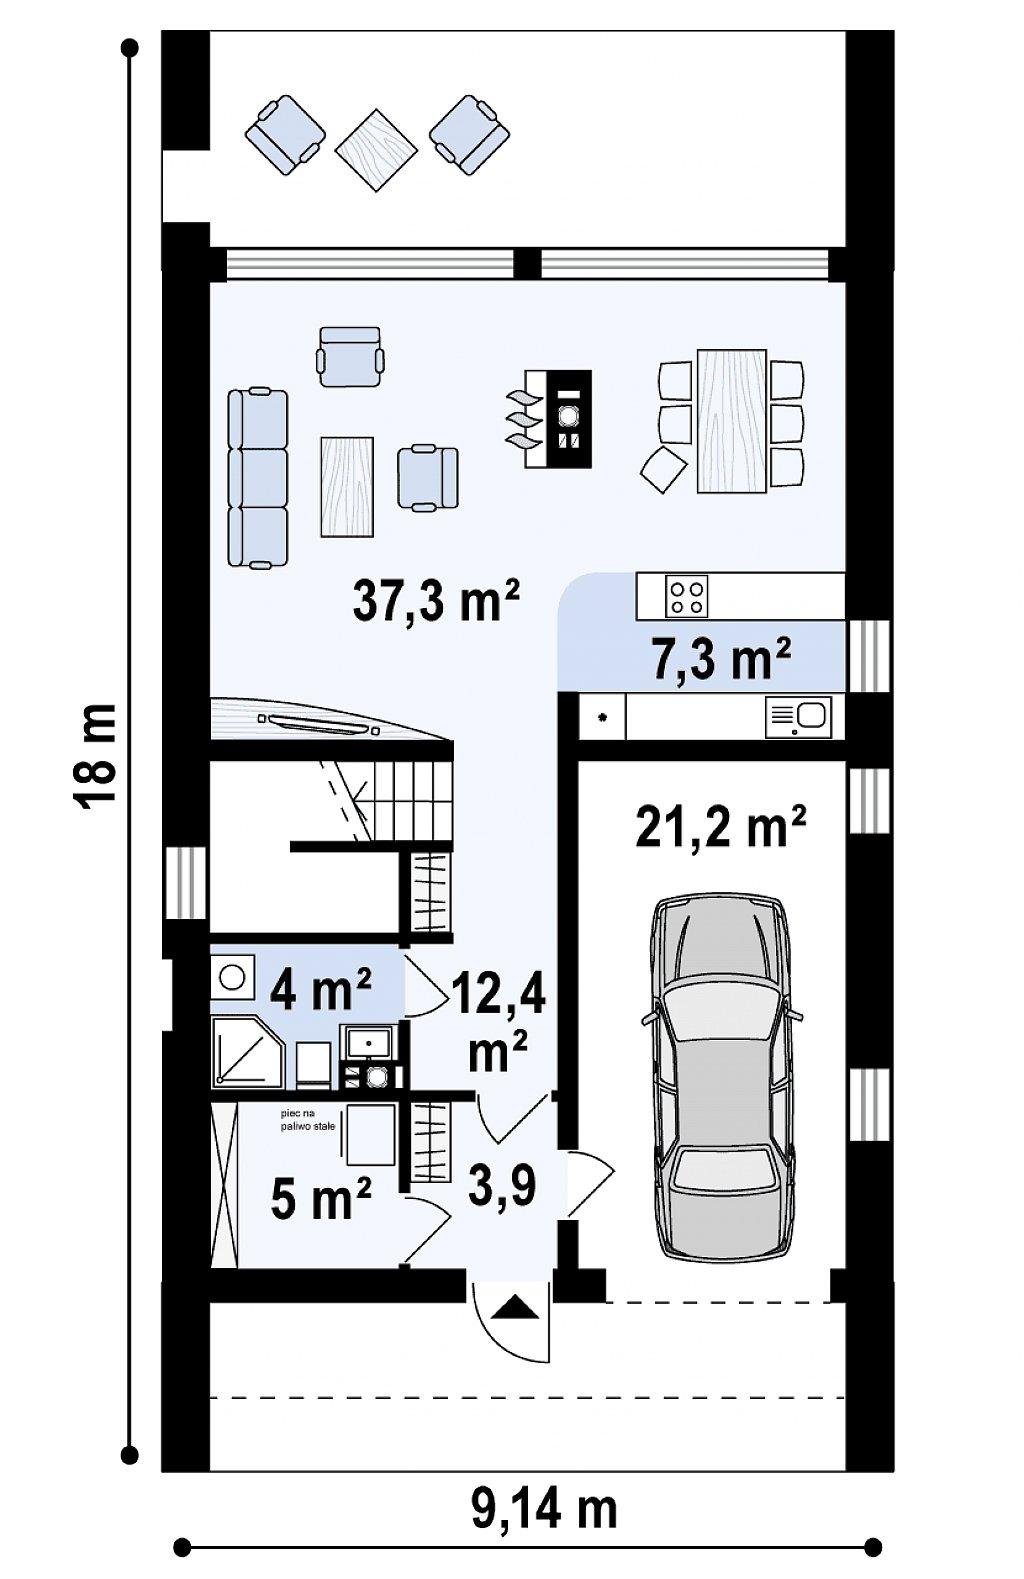 Мансардный дом со встроенным гаражом для одного автомобиля. план помещений 1